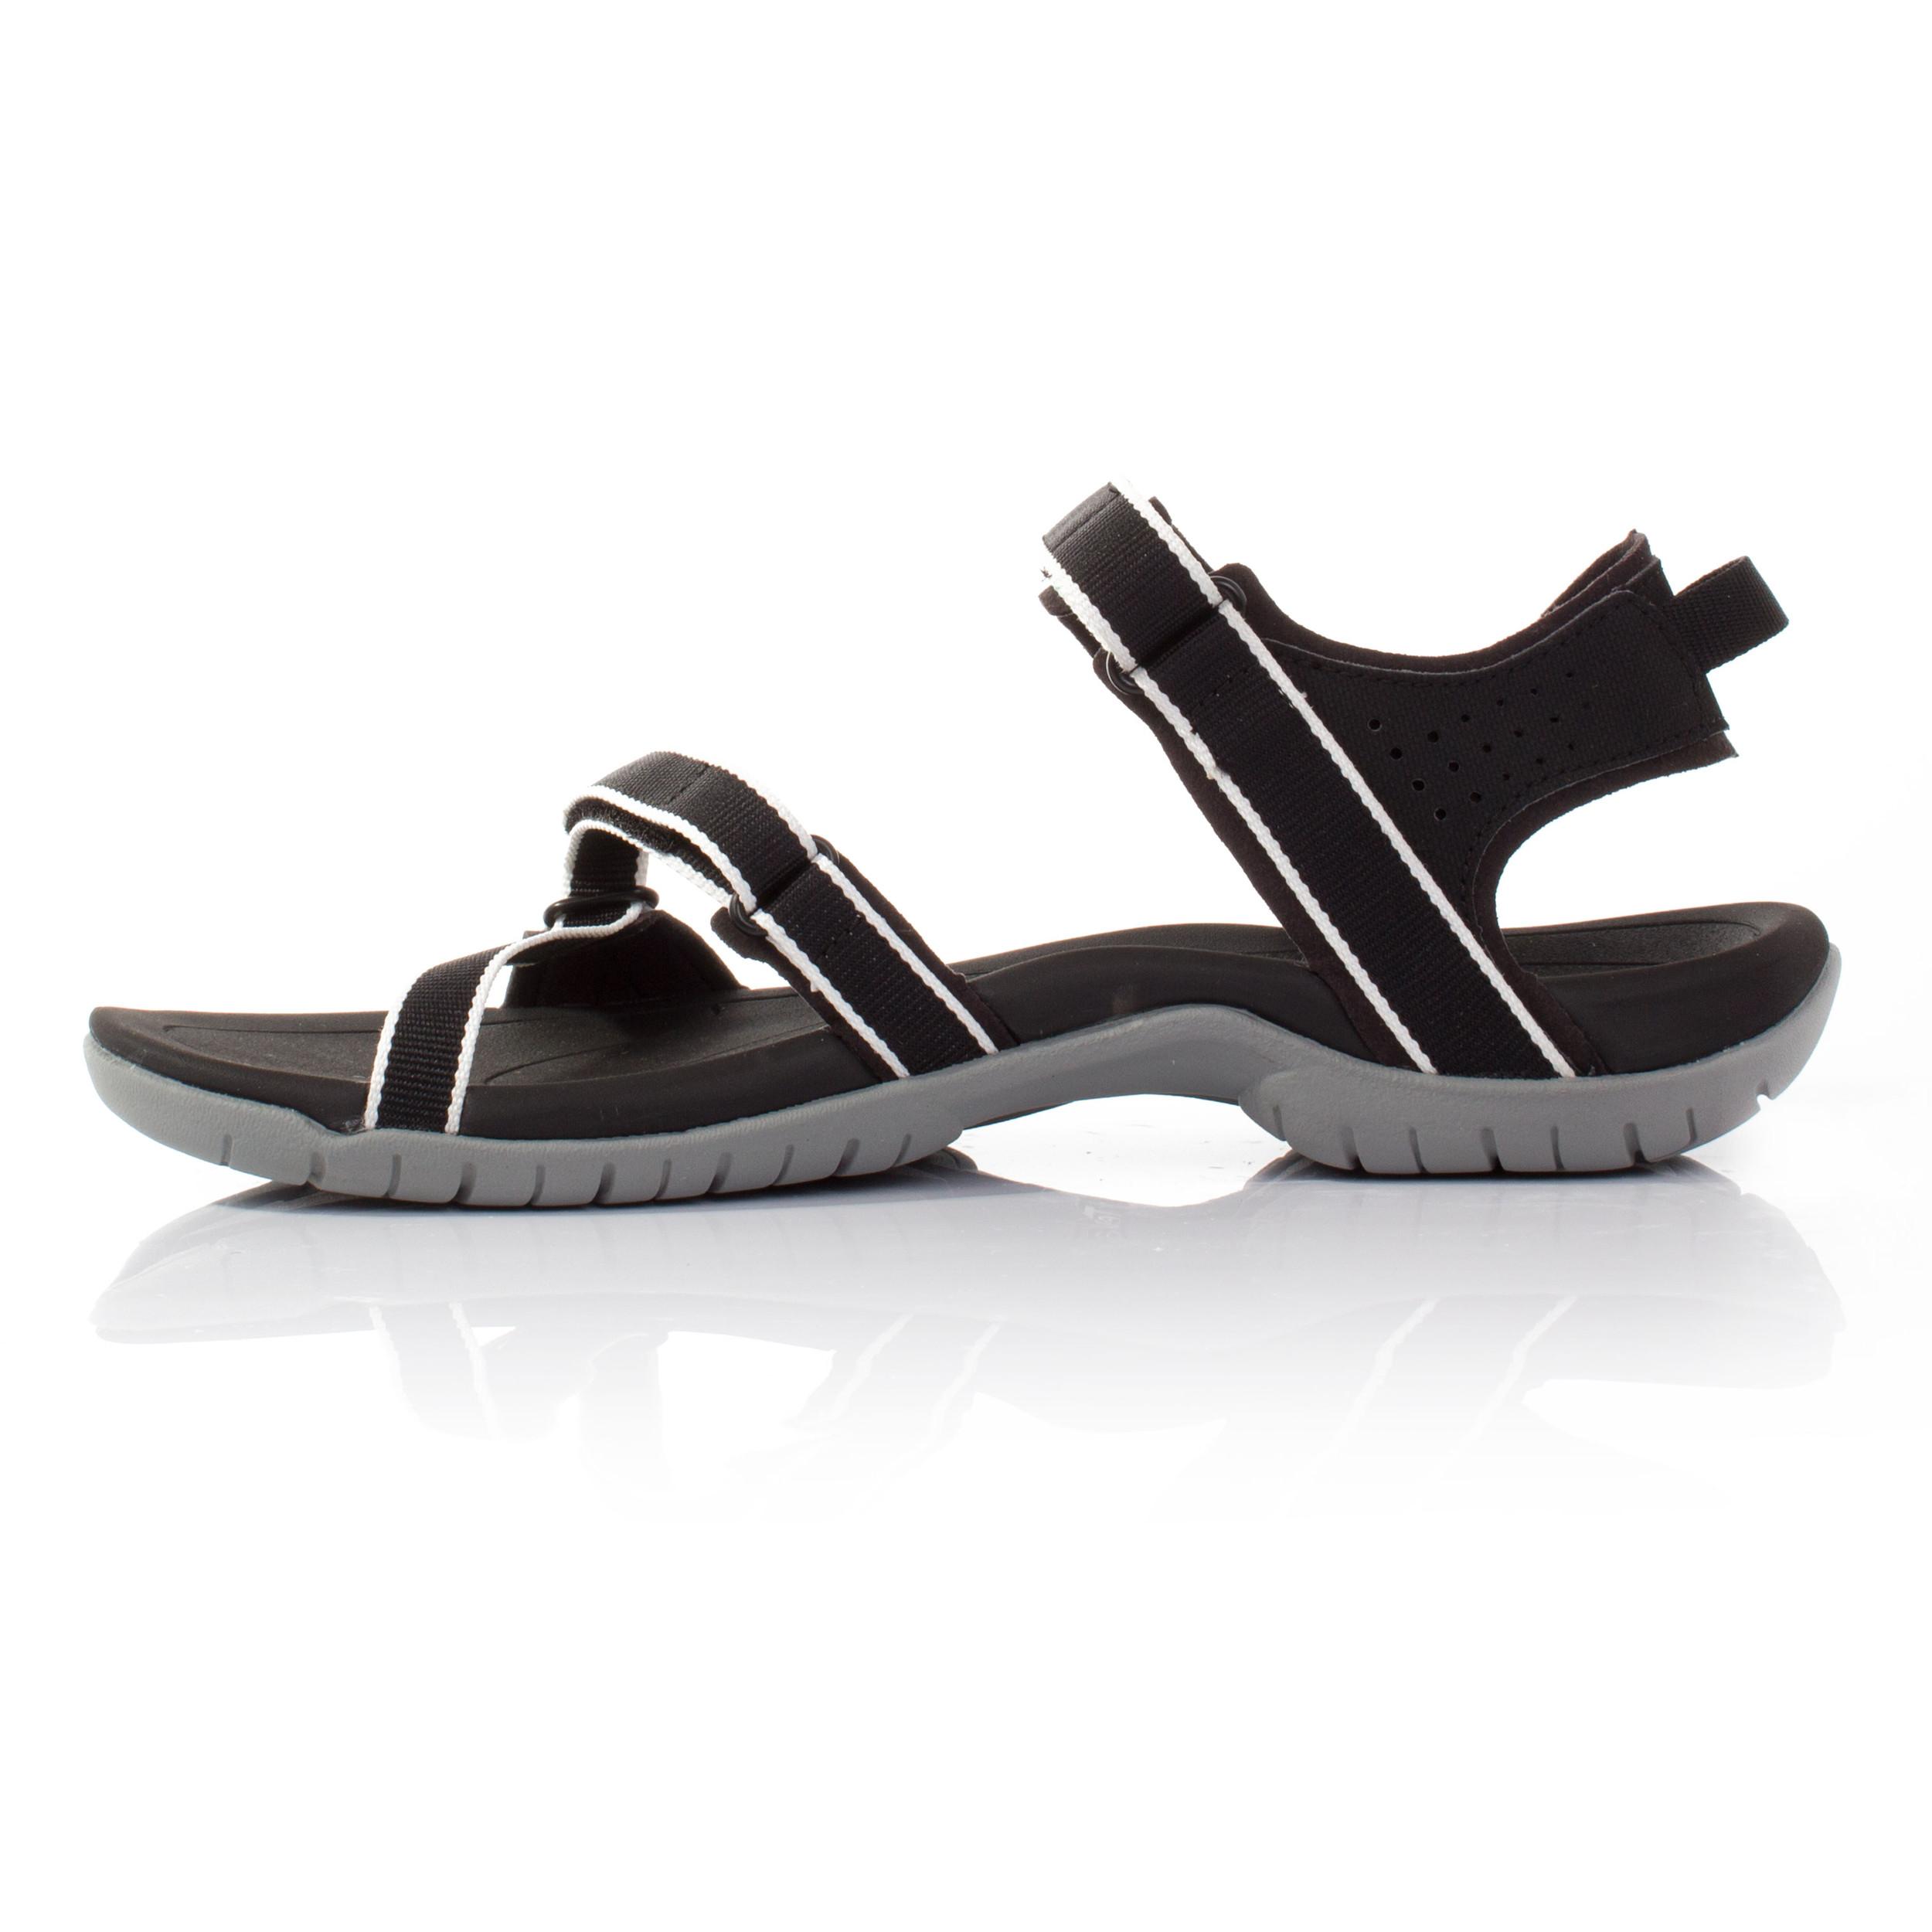 Original Teva Womens Black Original Universal Sandal 1003987 | TOWER London